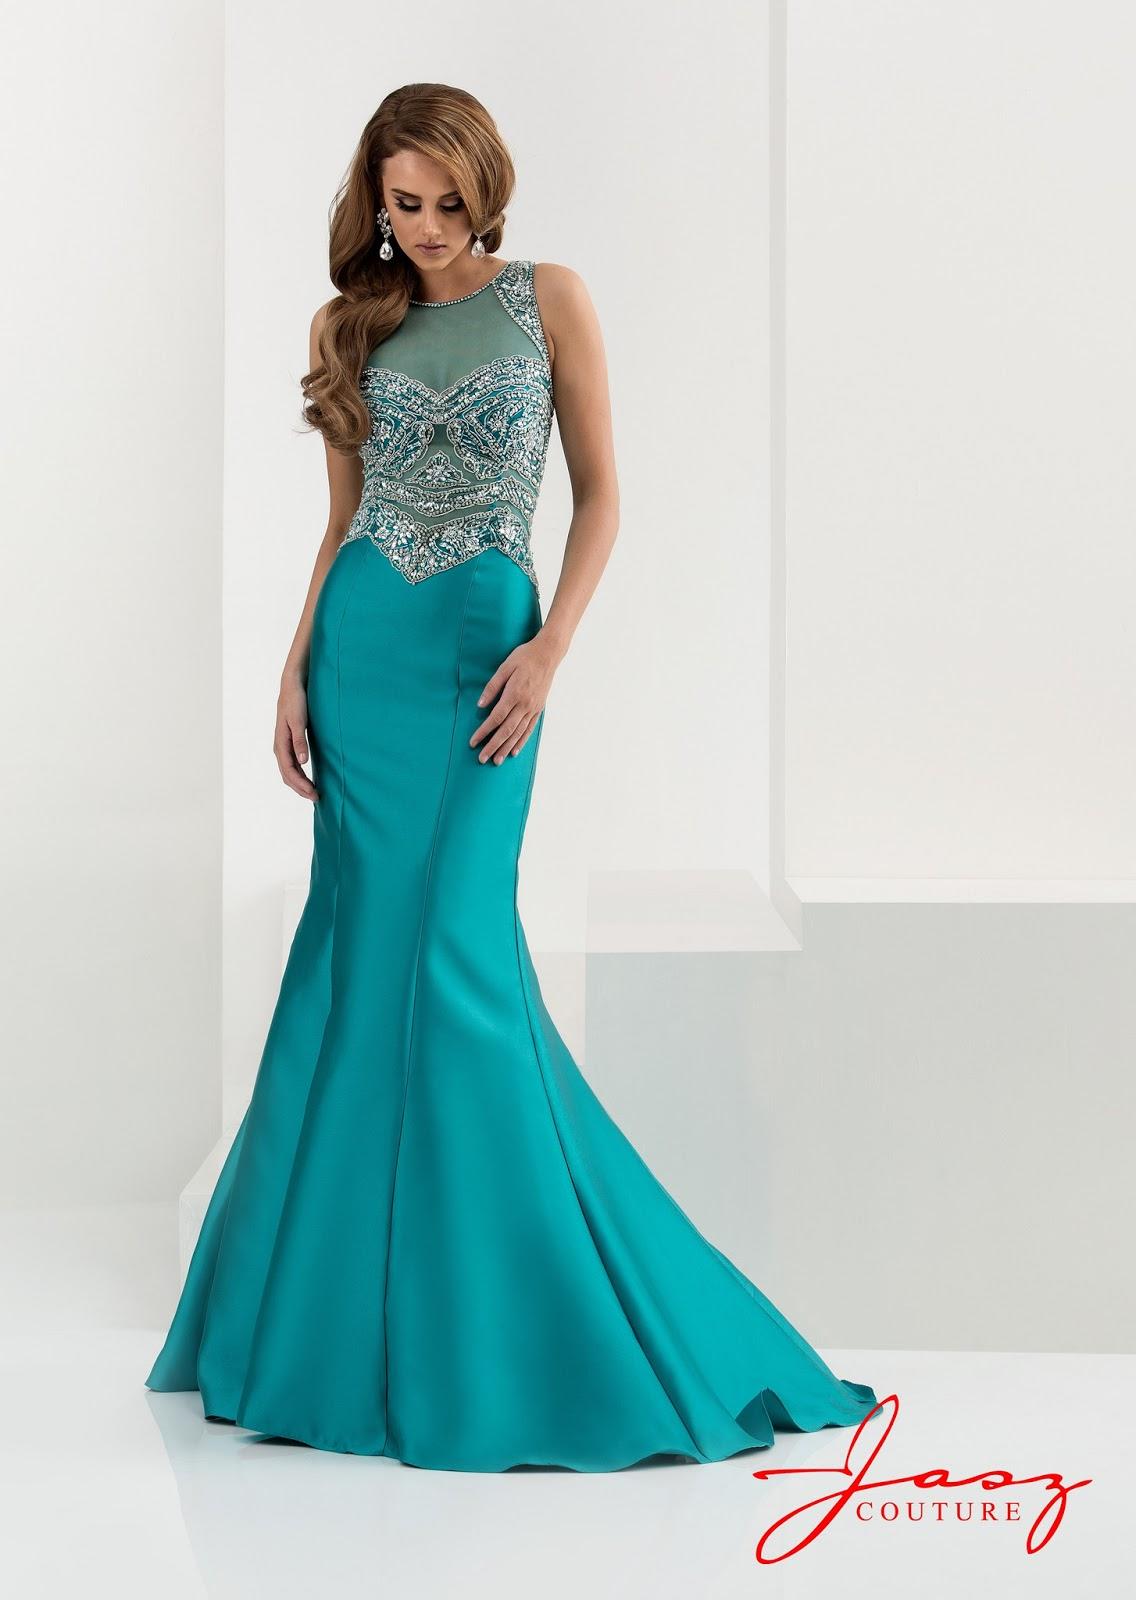 9cca51108 Elegantes vestidos de fiesta para graduación